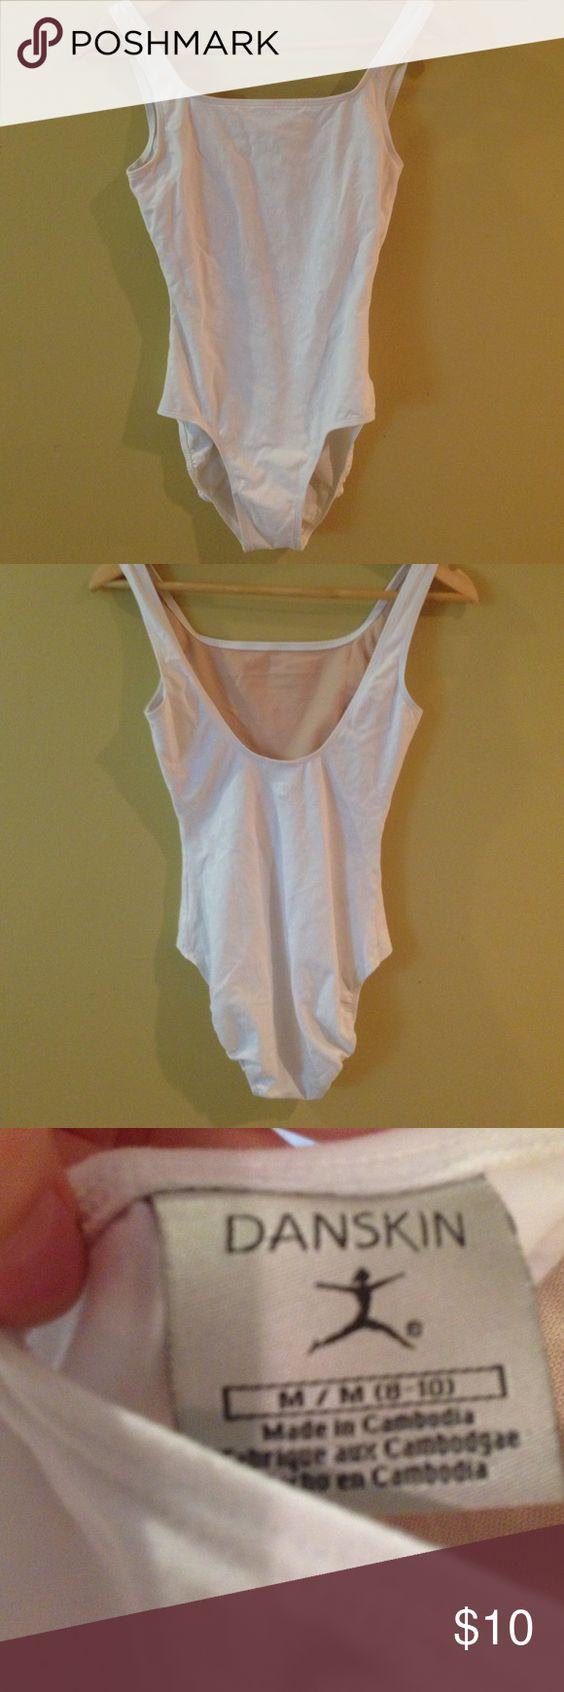 White cotton leotard White danskin cotton leotard with bra lining and modest neckline. Danskin Other